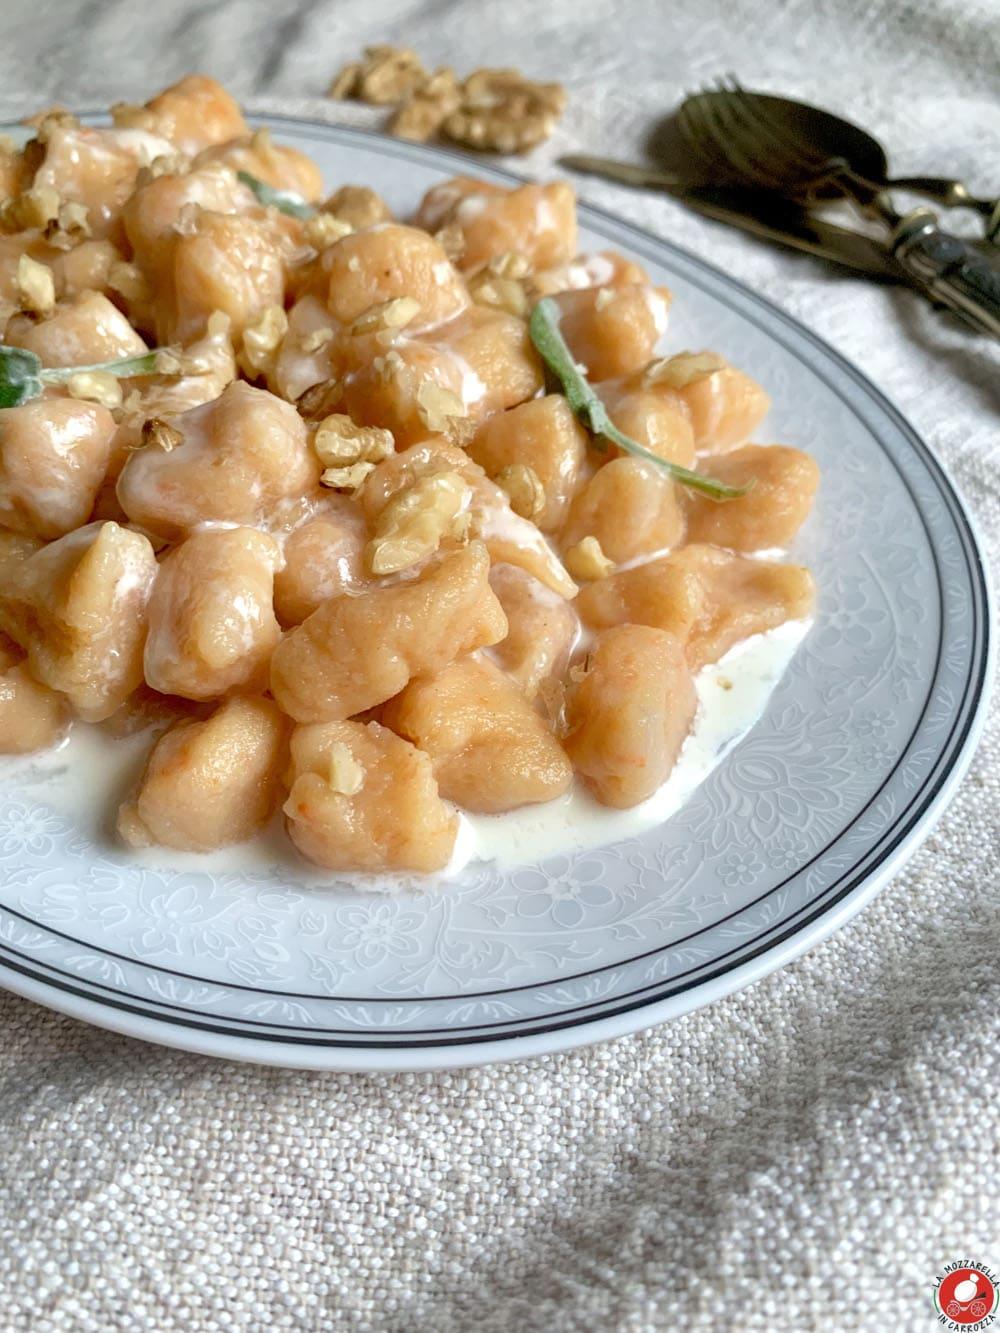 La Mozzarella in Carrozza - Gnocchi di zucca con crema al gorgonzola e noci